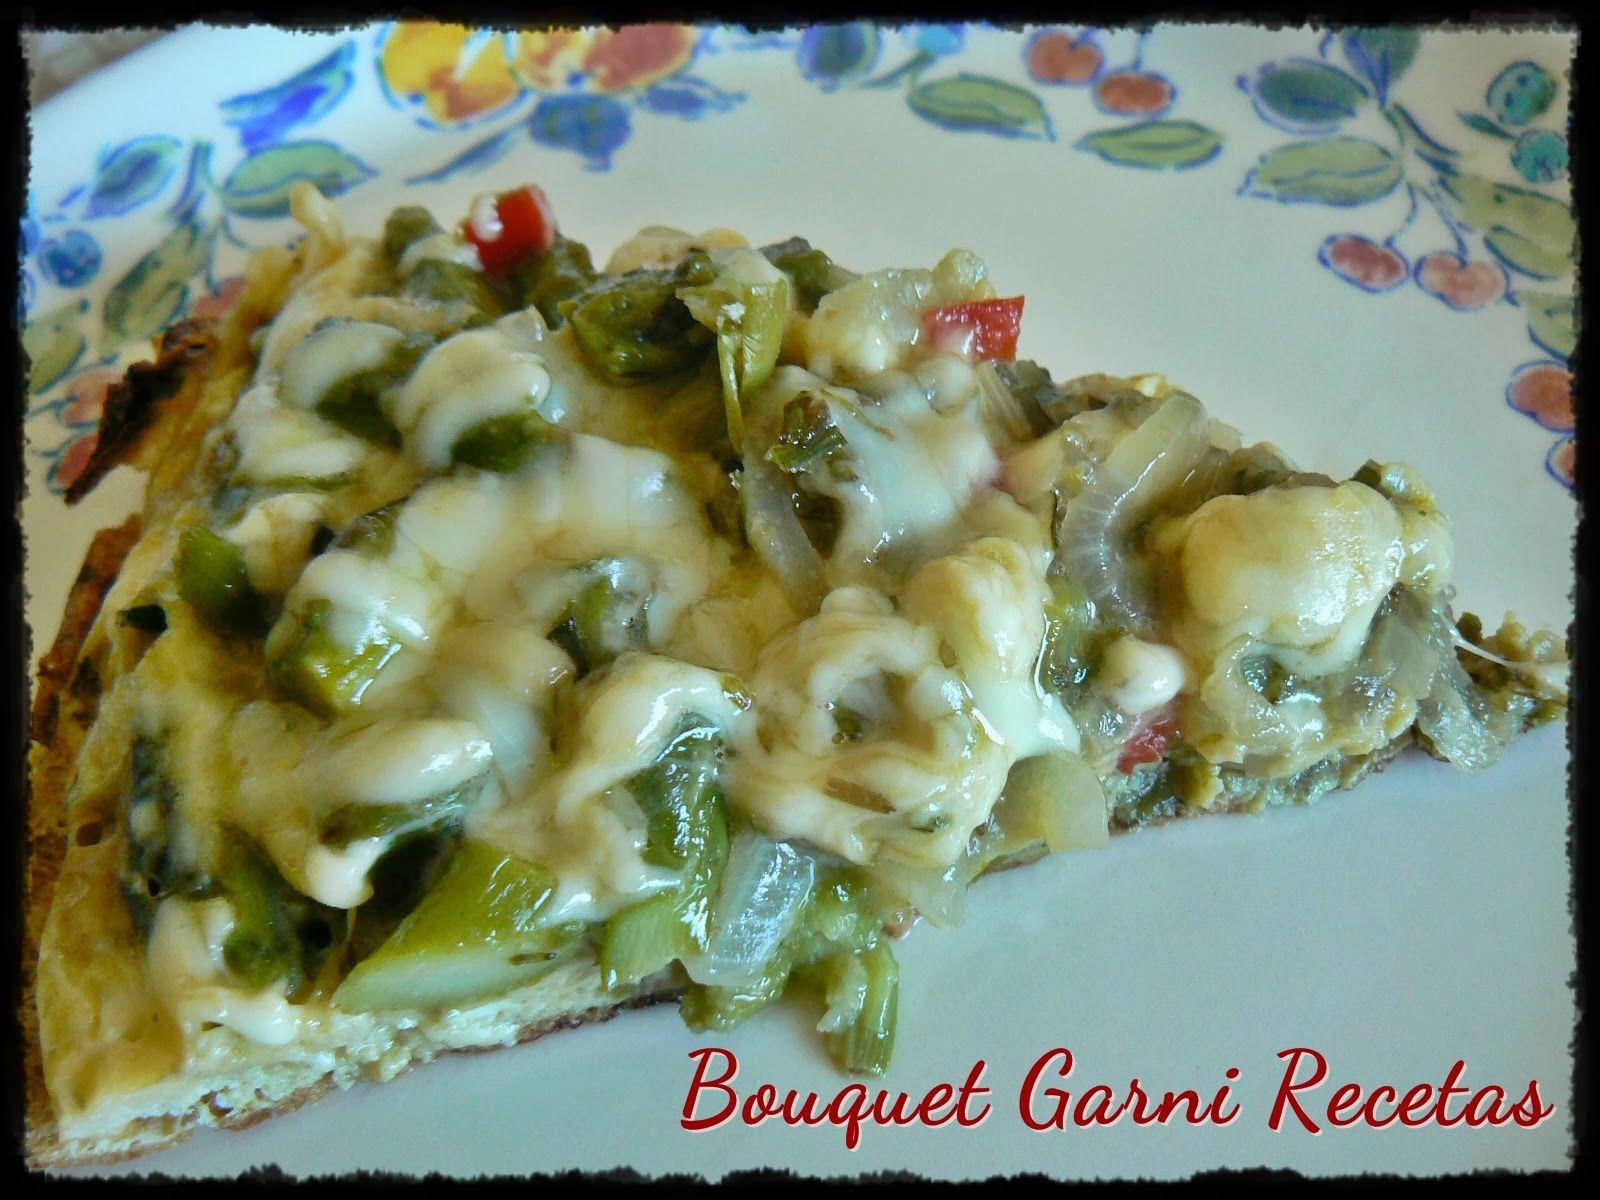 Bouquet Garni Recetas: Frittata de espárragos// Asparagus Frittata